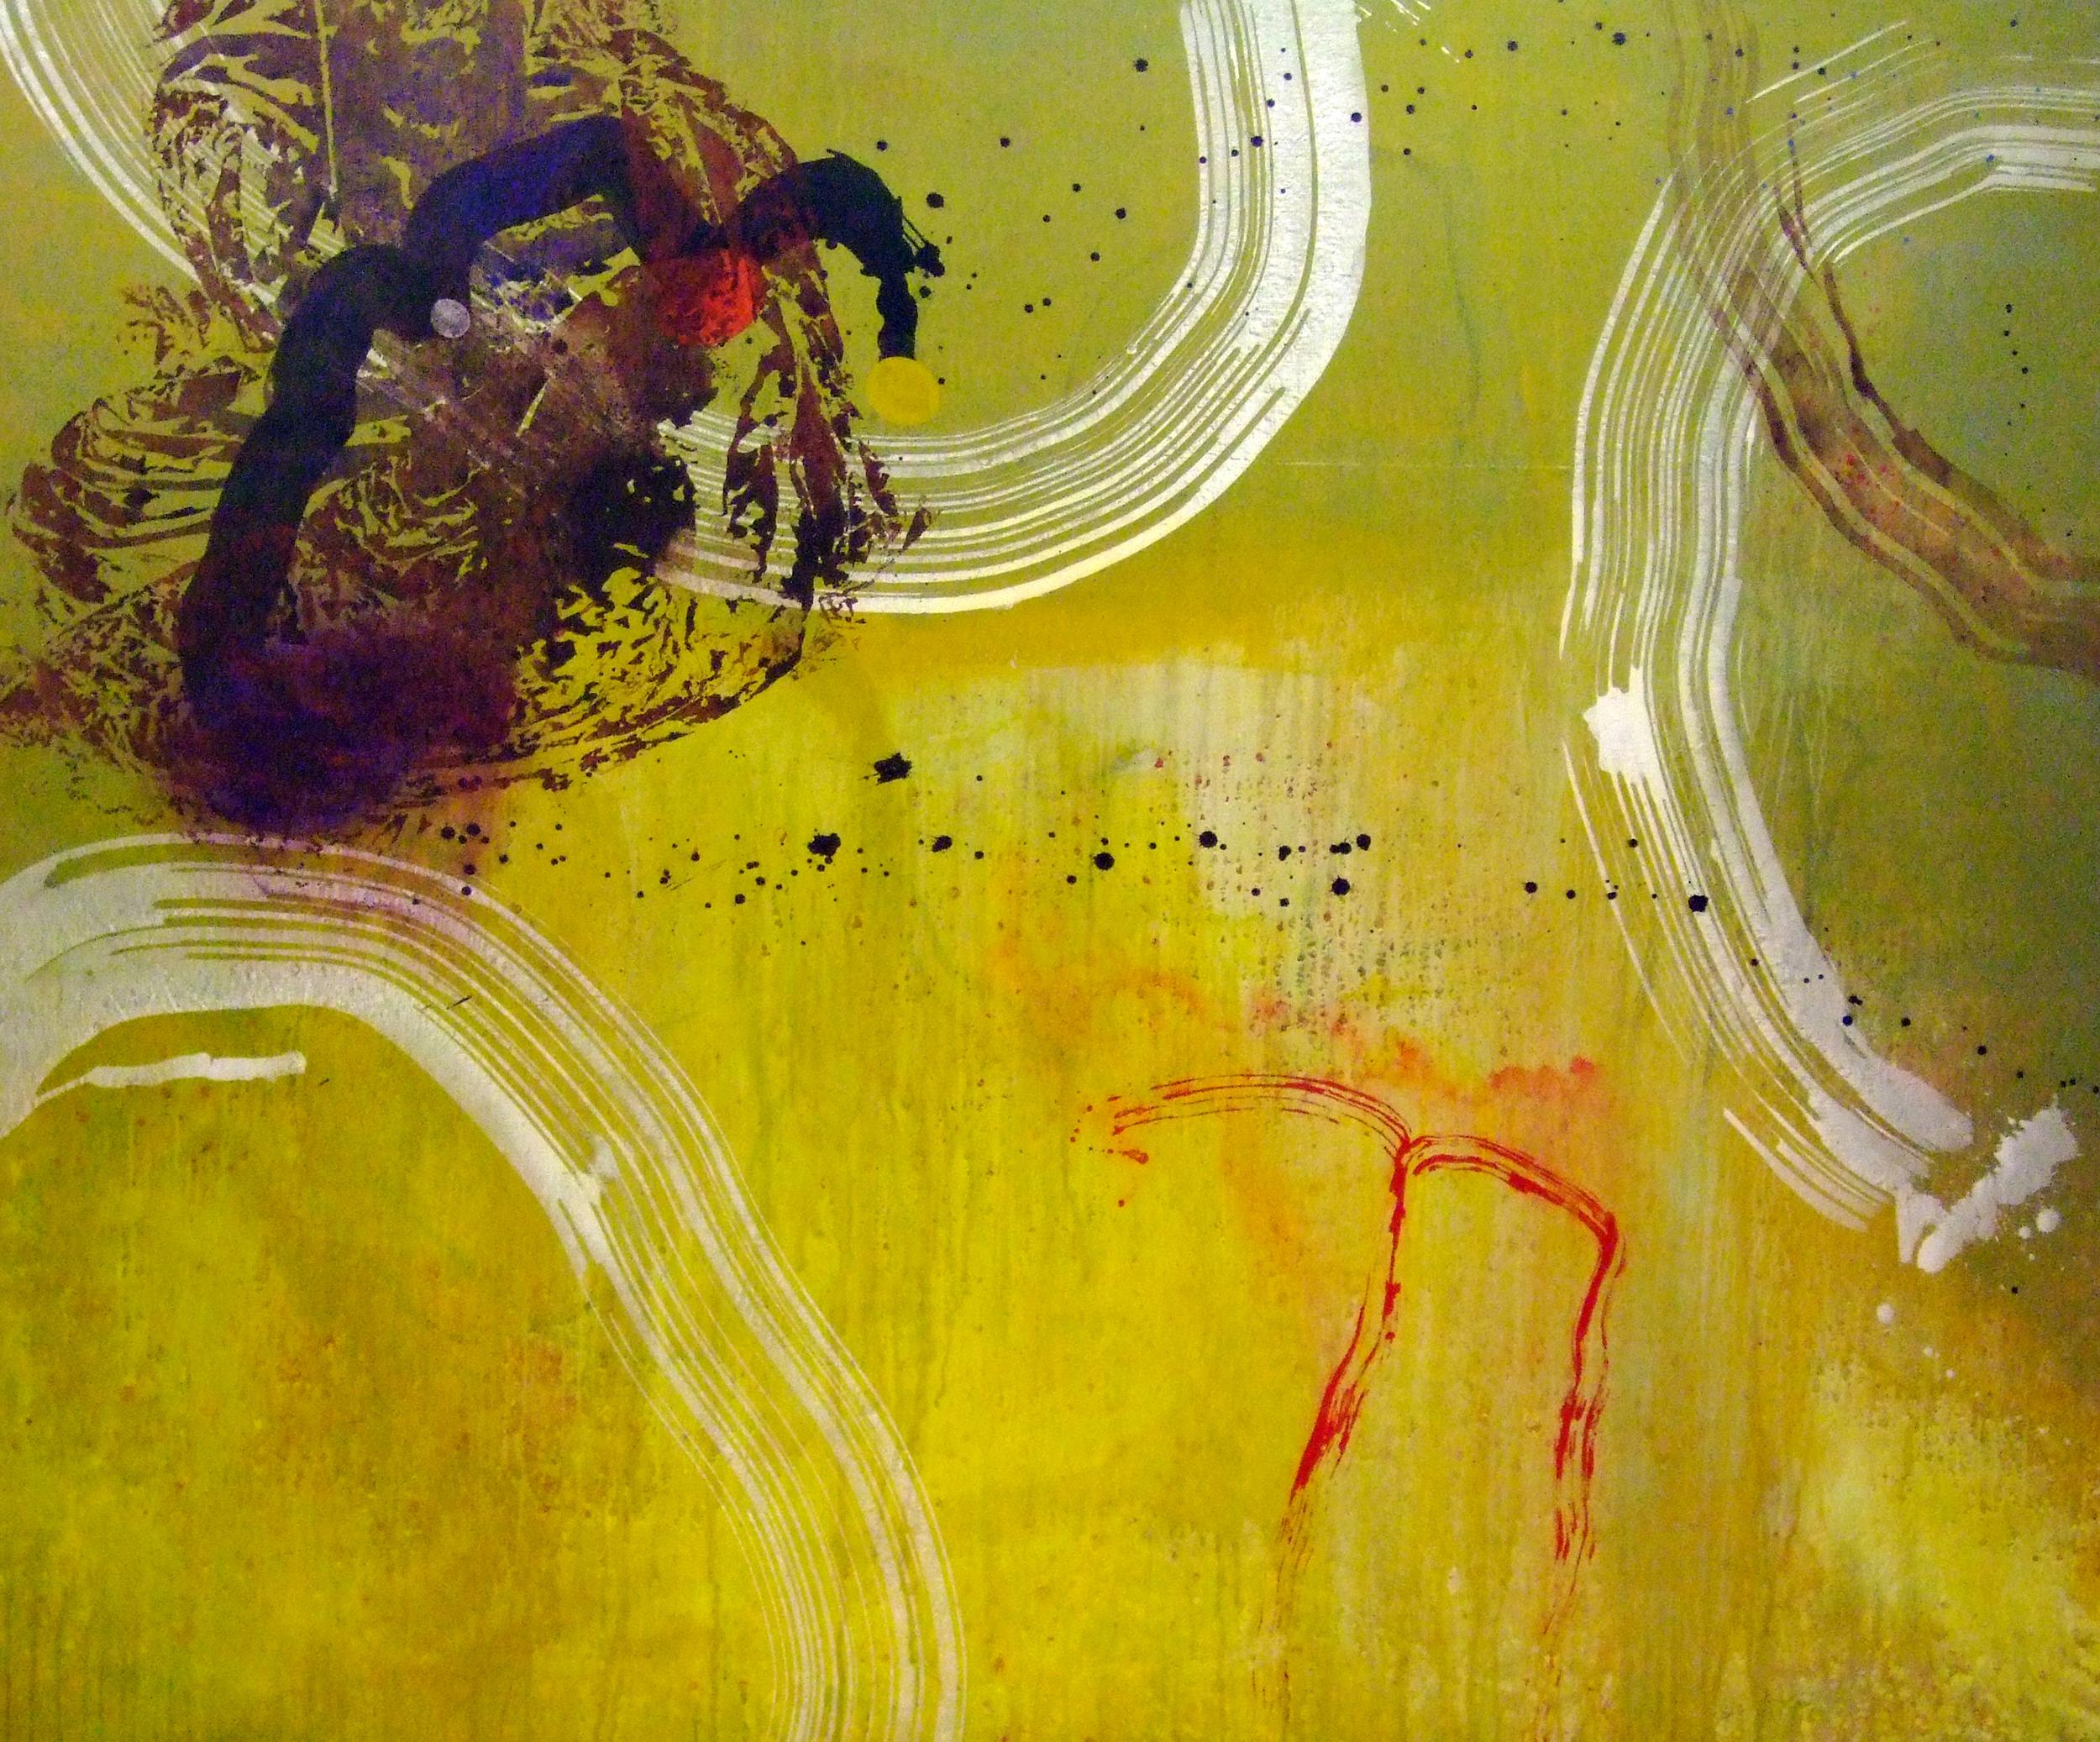 Sense títol,  pintura sobre tela, 160 x 185 centímetres, 2012